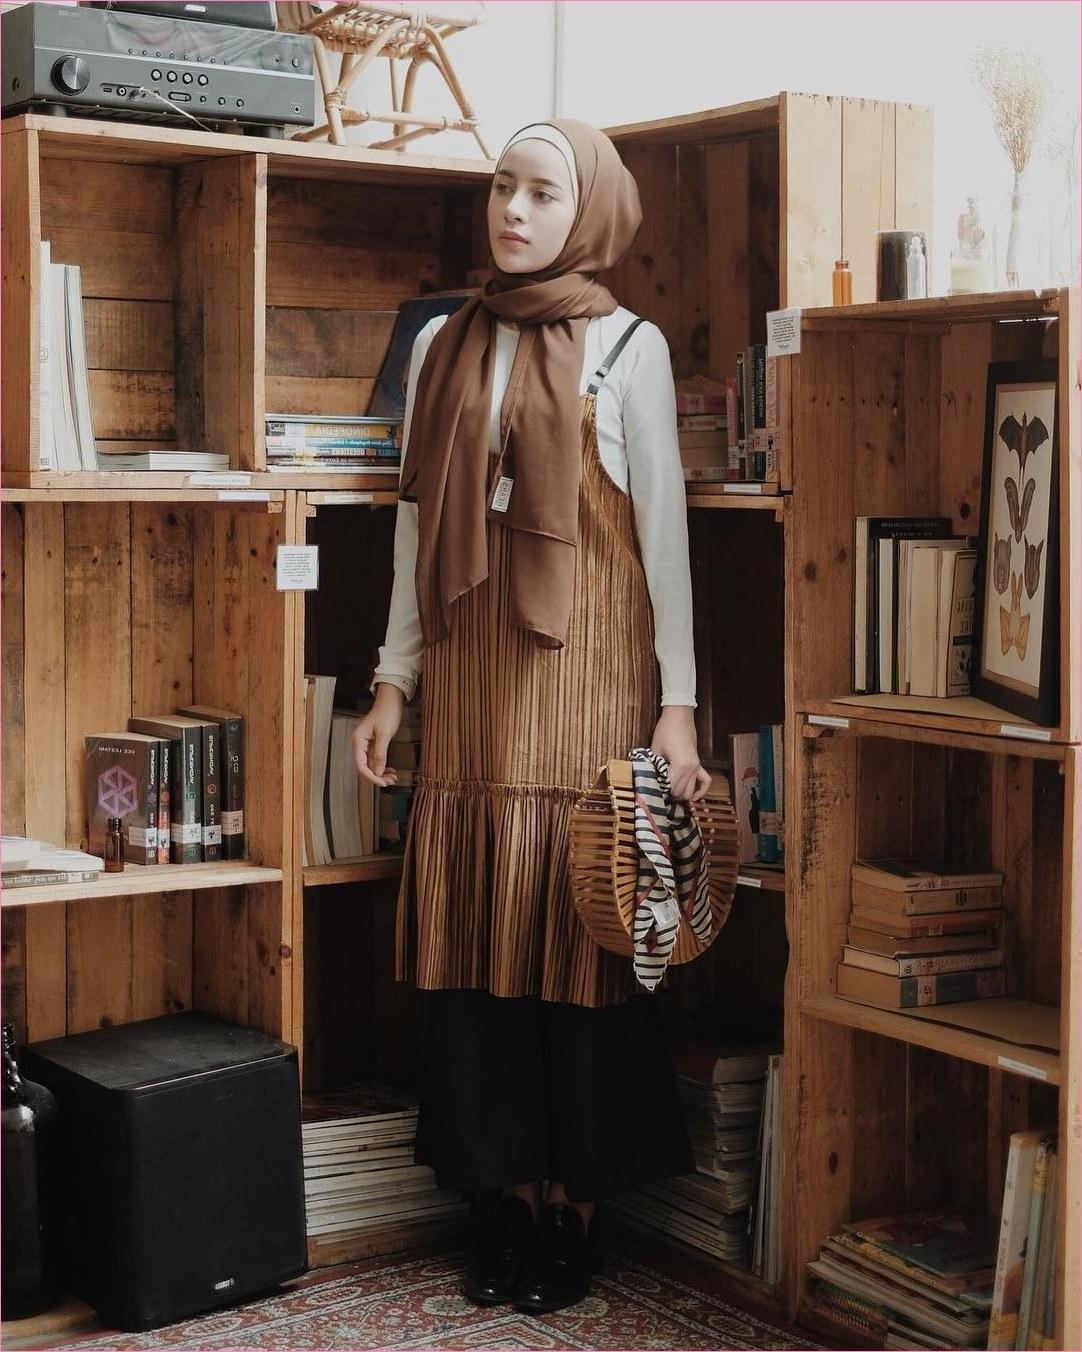 Design Baju Lebaran Pria Terbaru 2019 4pde 80 Model Baju Lebaran Terbaru 2019 Muslimah Trendy Model